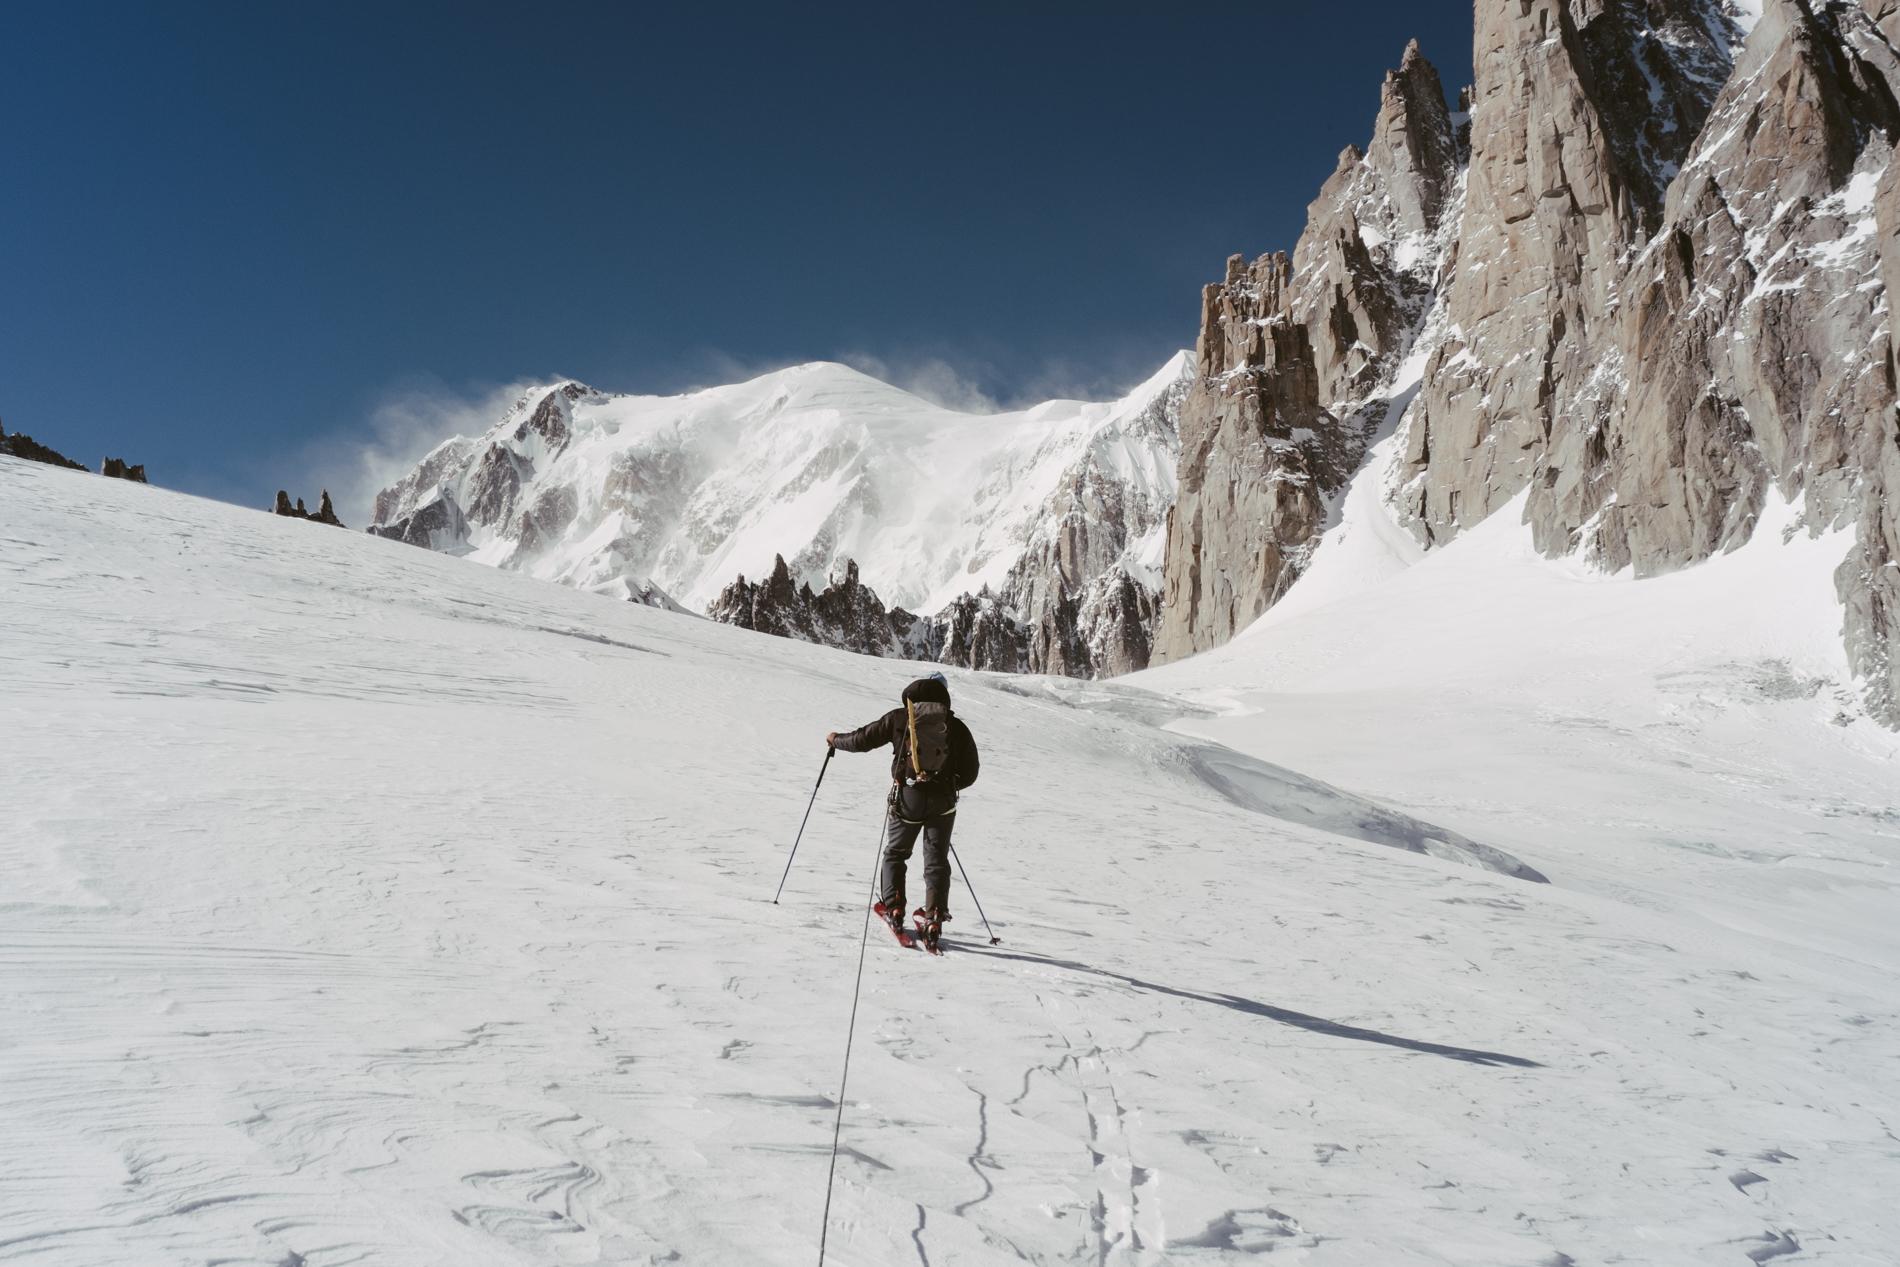 Mon guide sur le glacier du Géant - CHAMONIX, FRANCE.